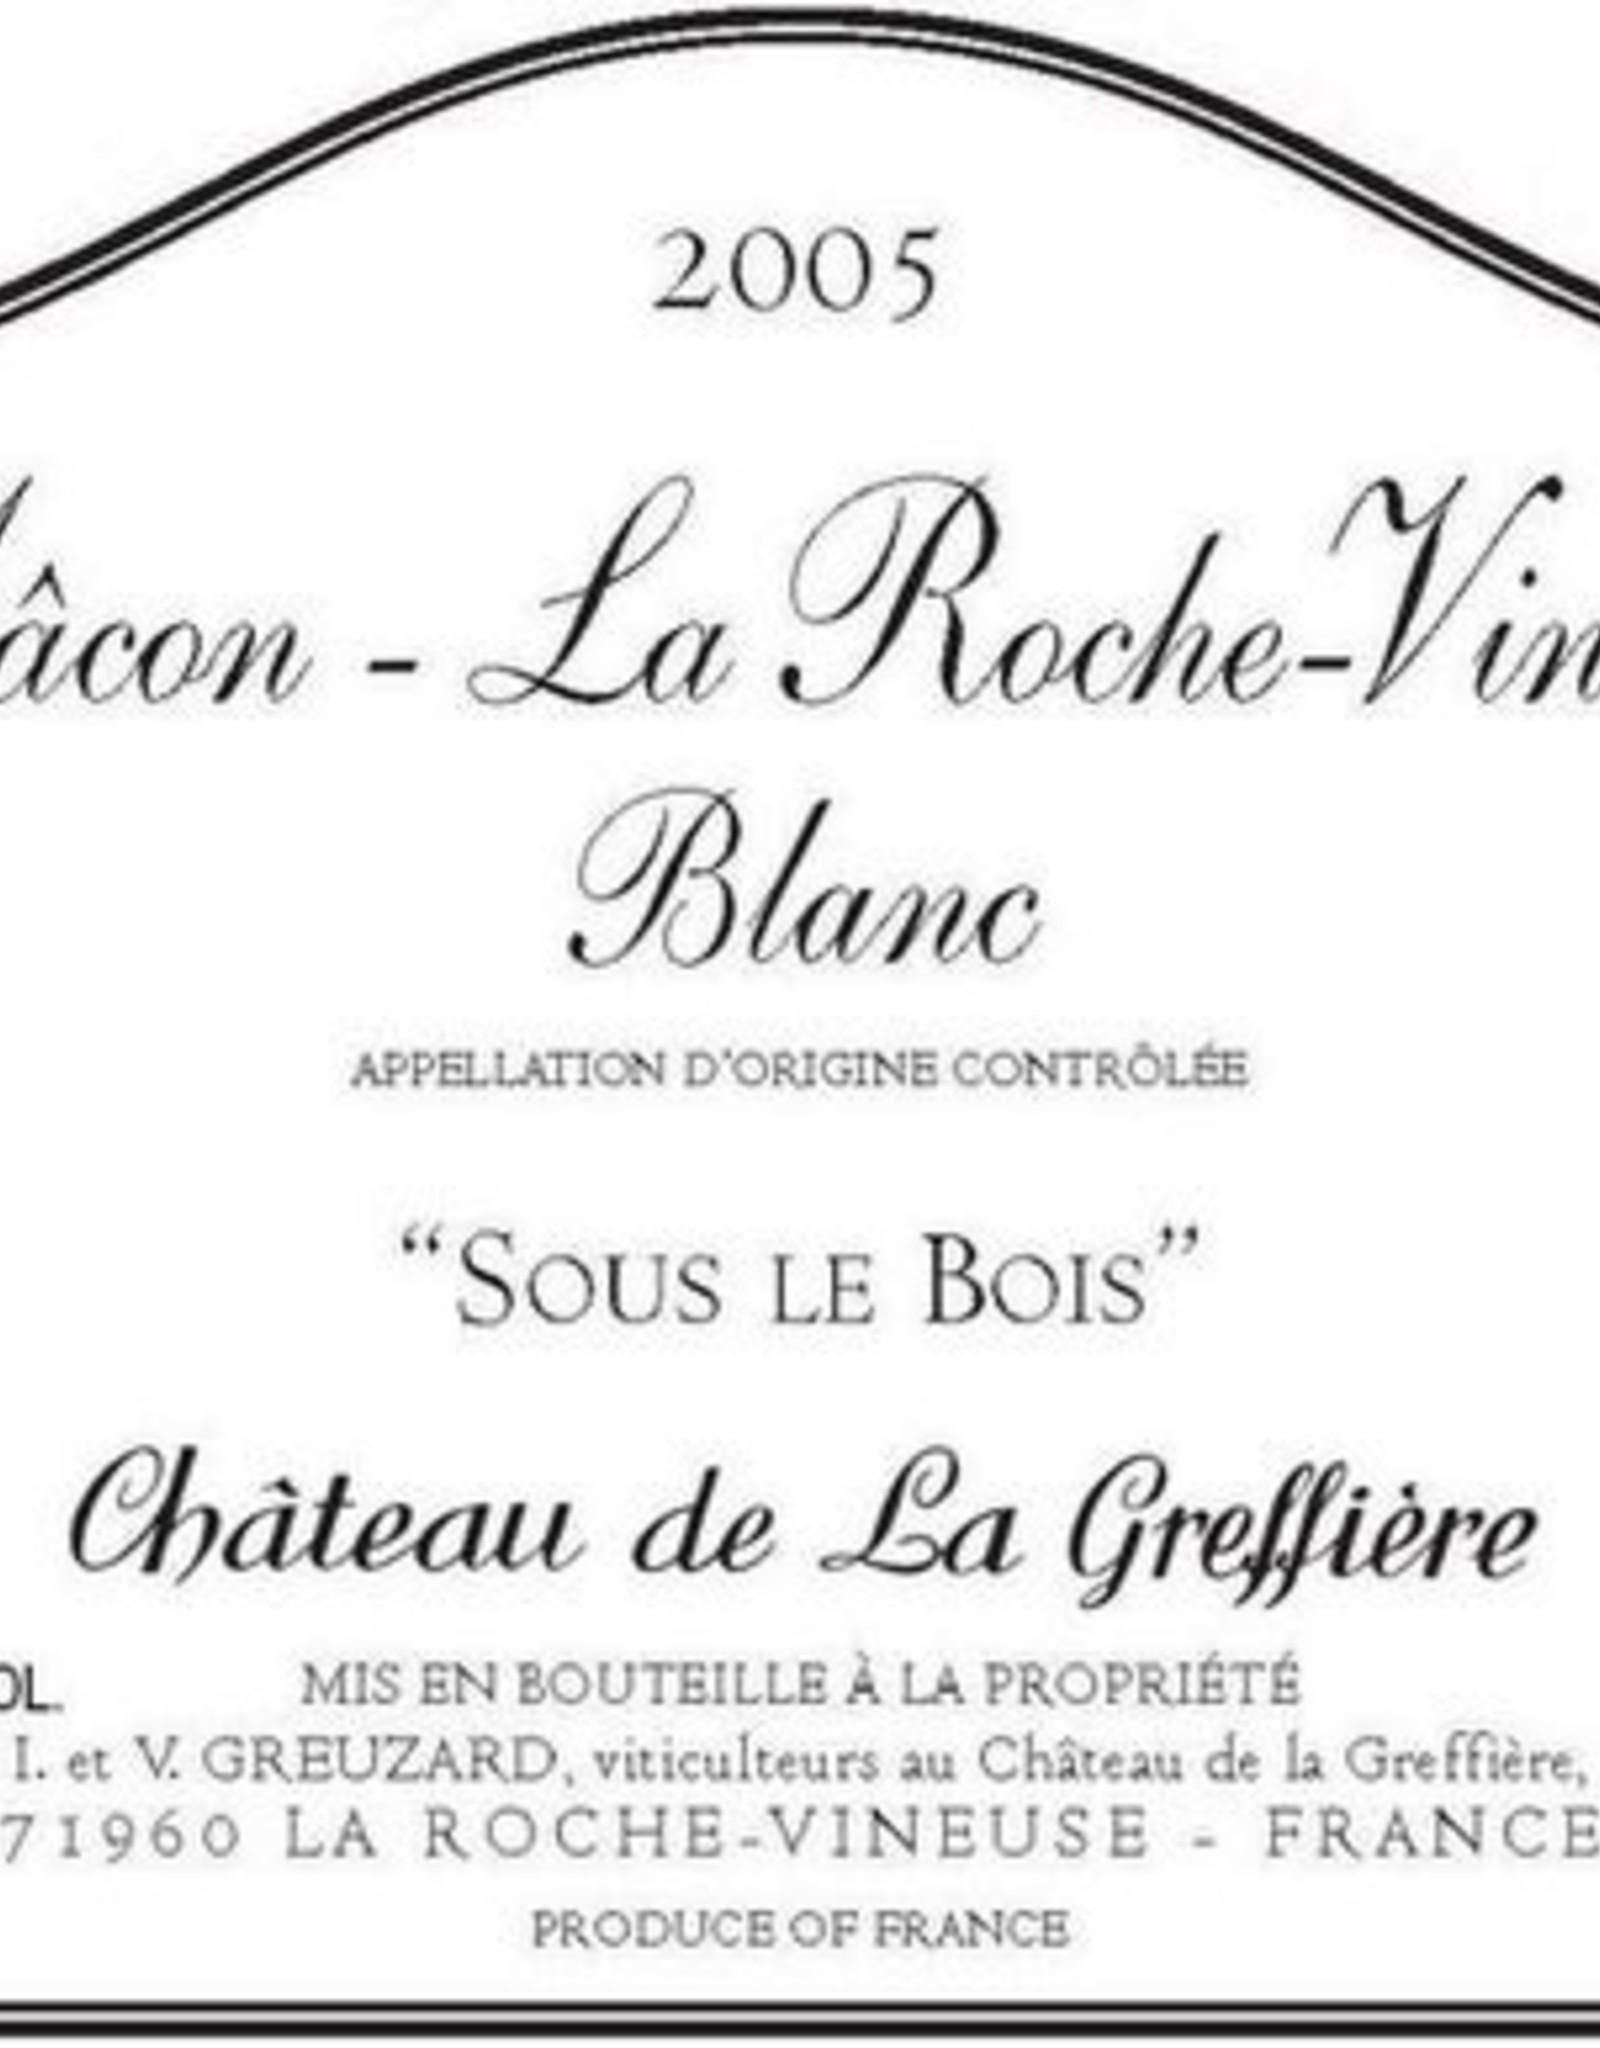 W Burgundy, Macon La Roche-Vineuse, Sous Le Bois, Chateau de la Greffiere 2019